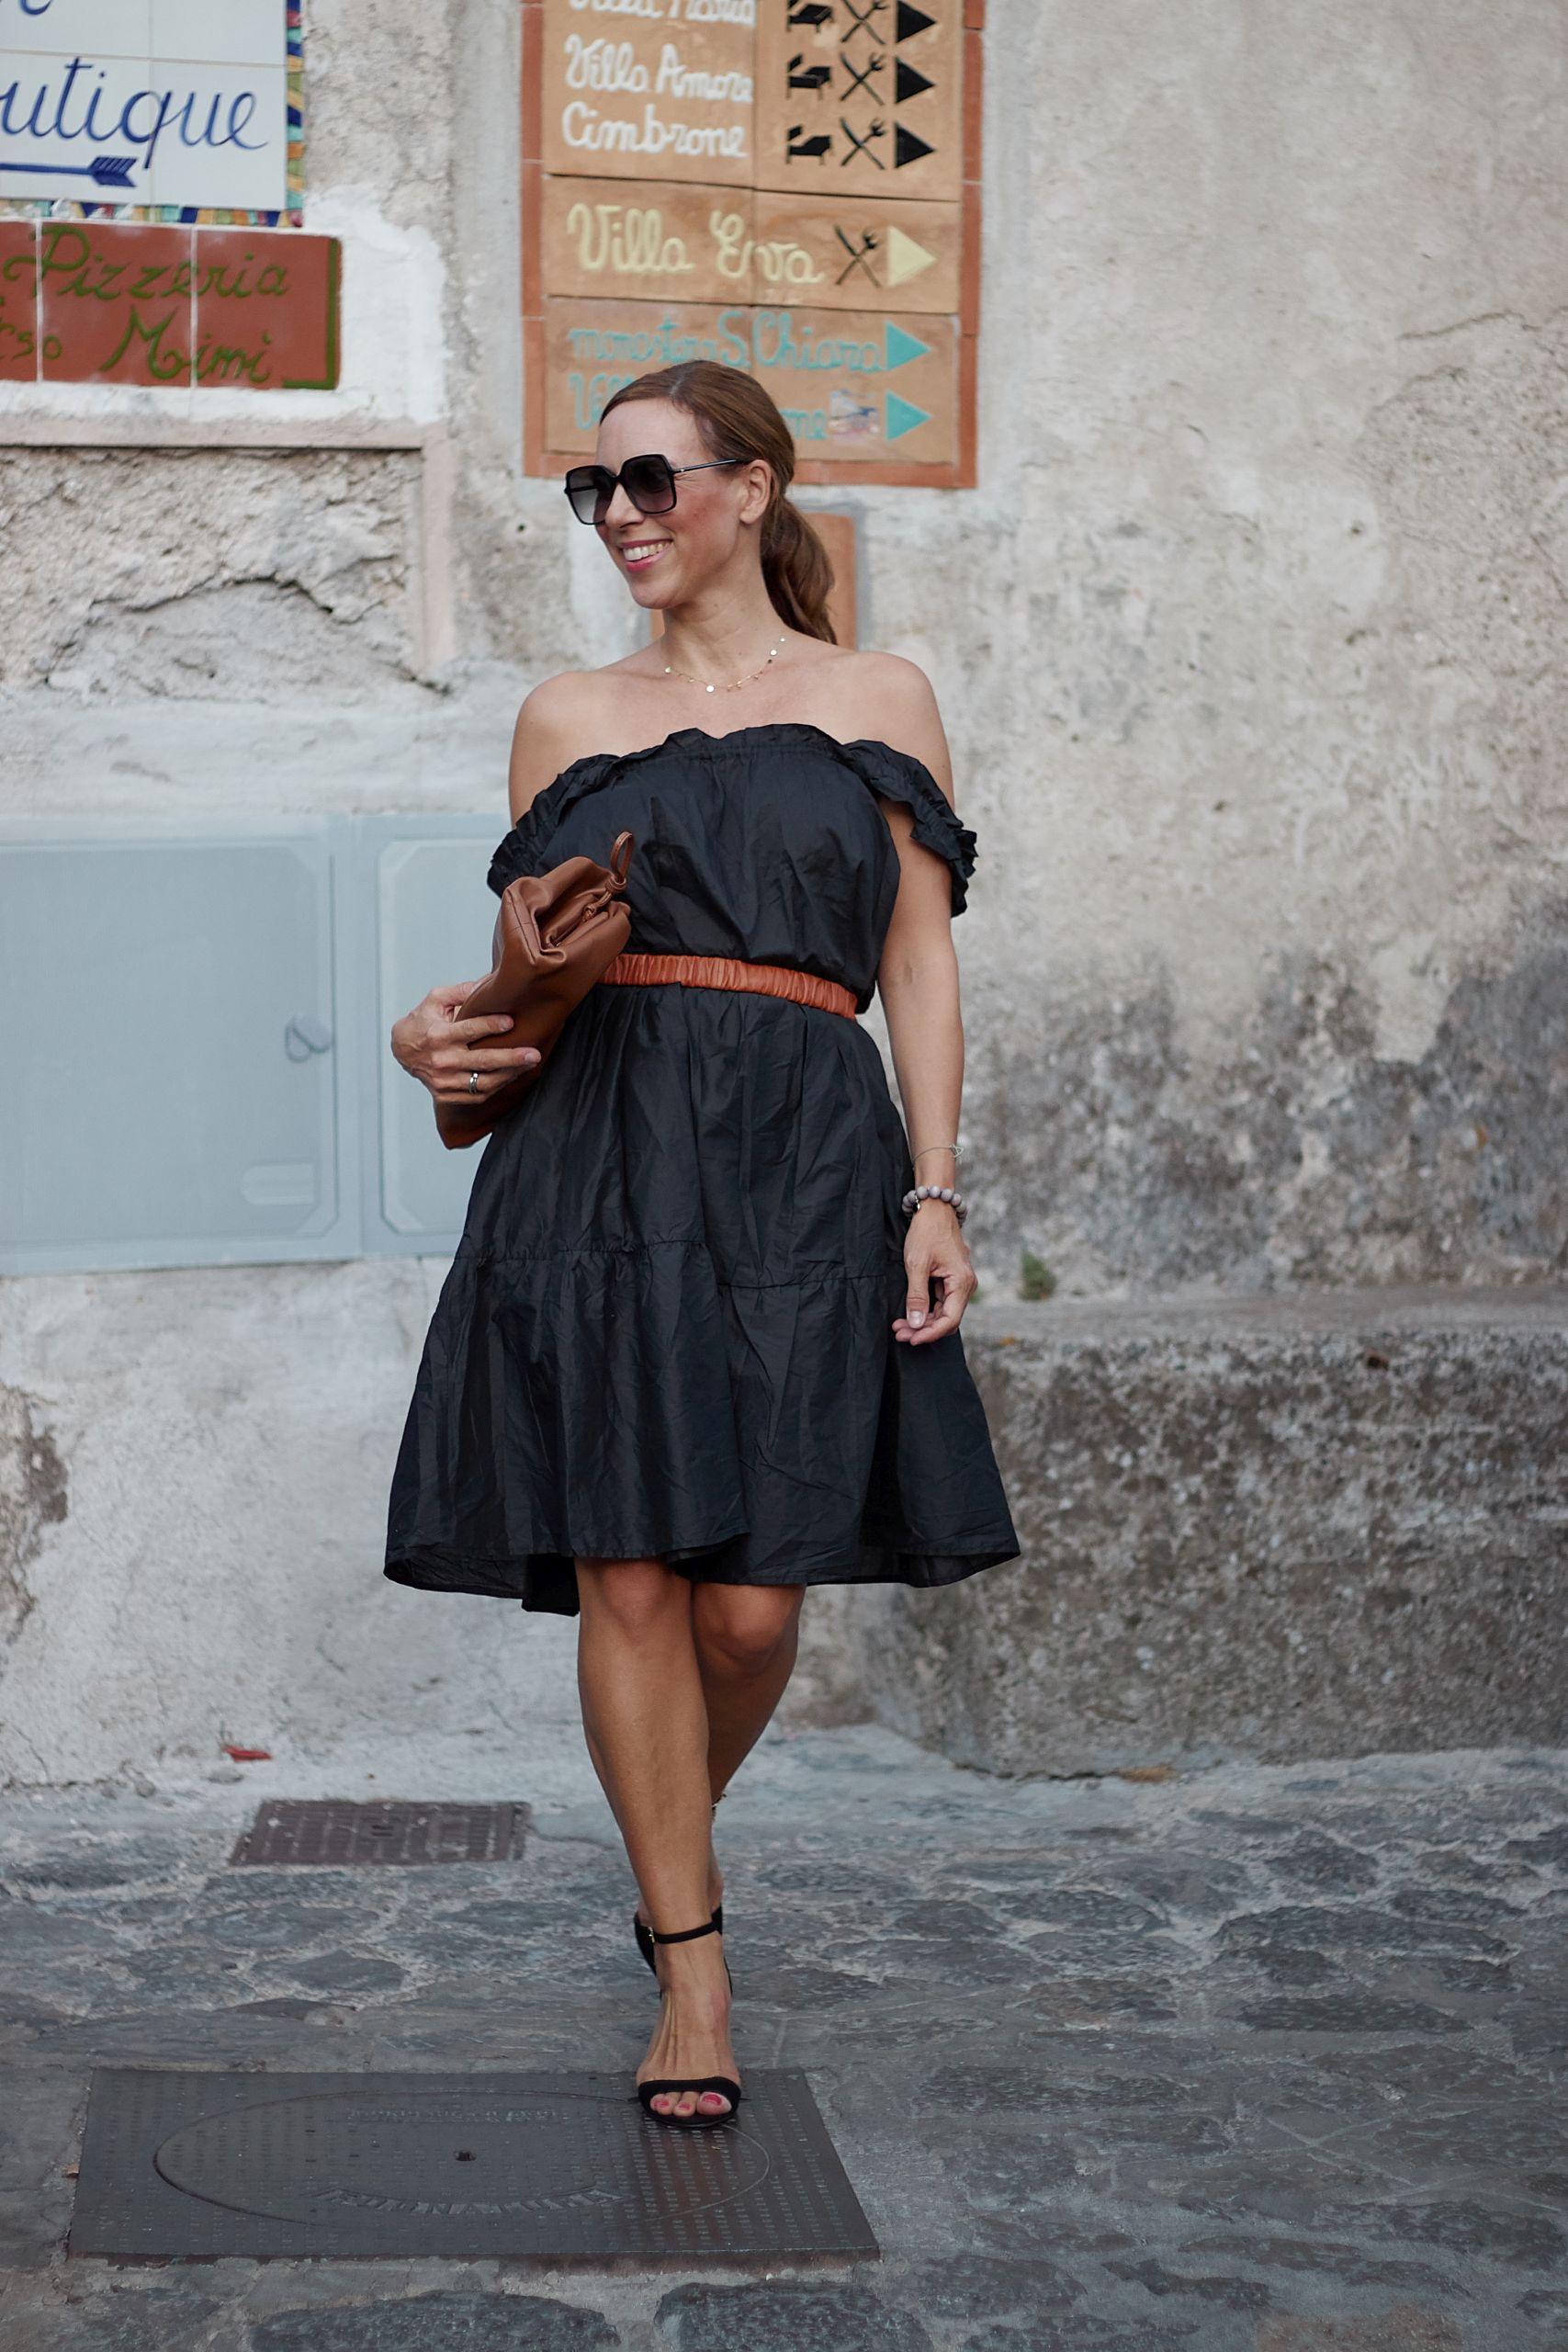 Raffaele Riccardi Schuhe zu schwarzem Offshoulder Kleid in Ravello